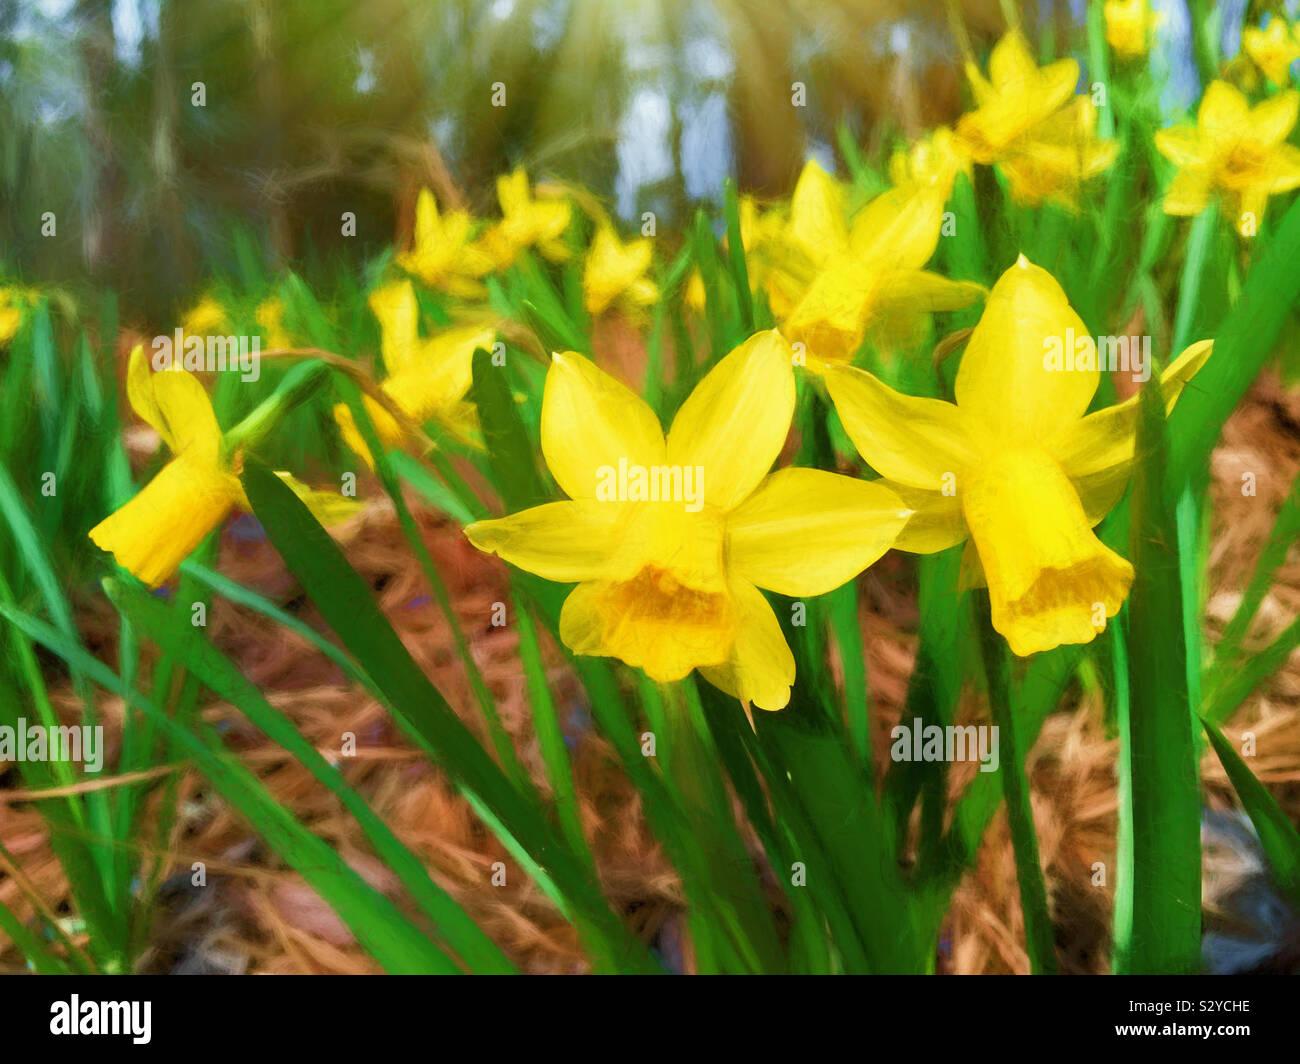 Un mazzetto di colorato in giallo daffodil fiori che sbocciano in un esterno informale area giardino. Questa immagine ha un effetto pittorica. Foto Stock